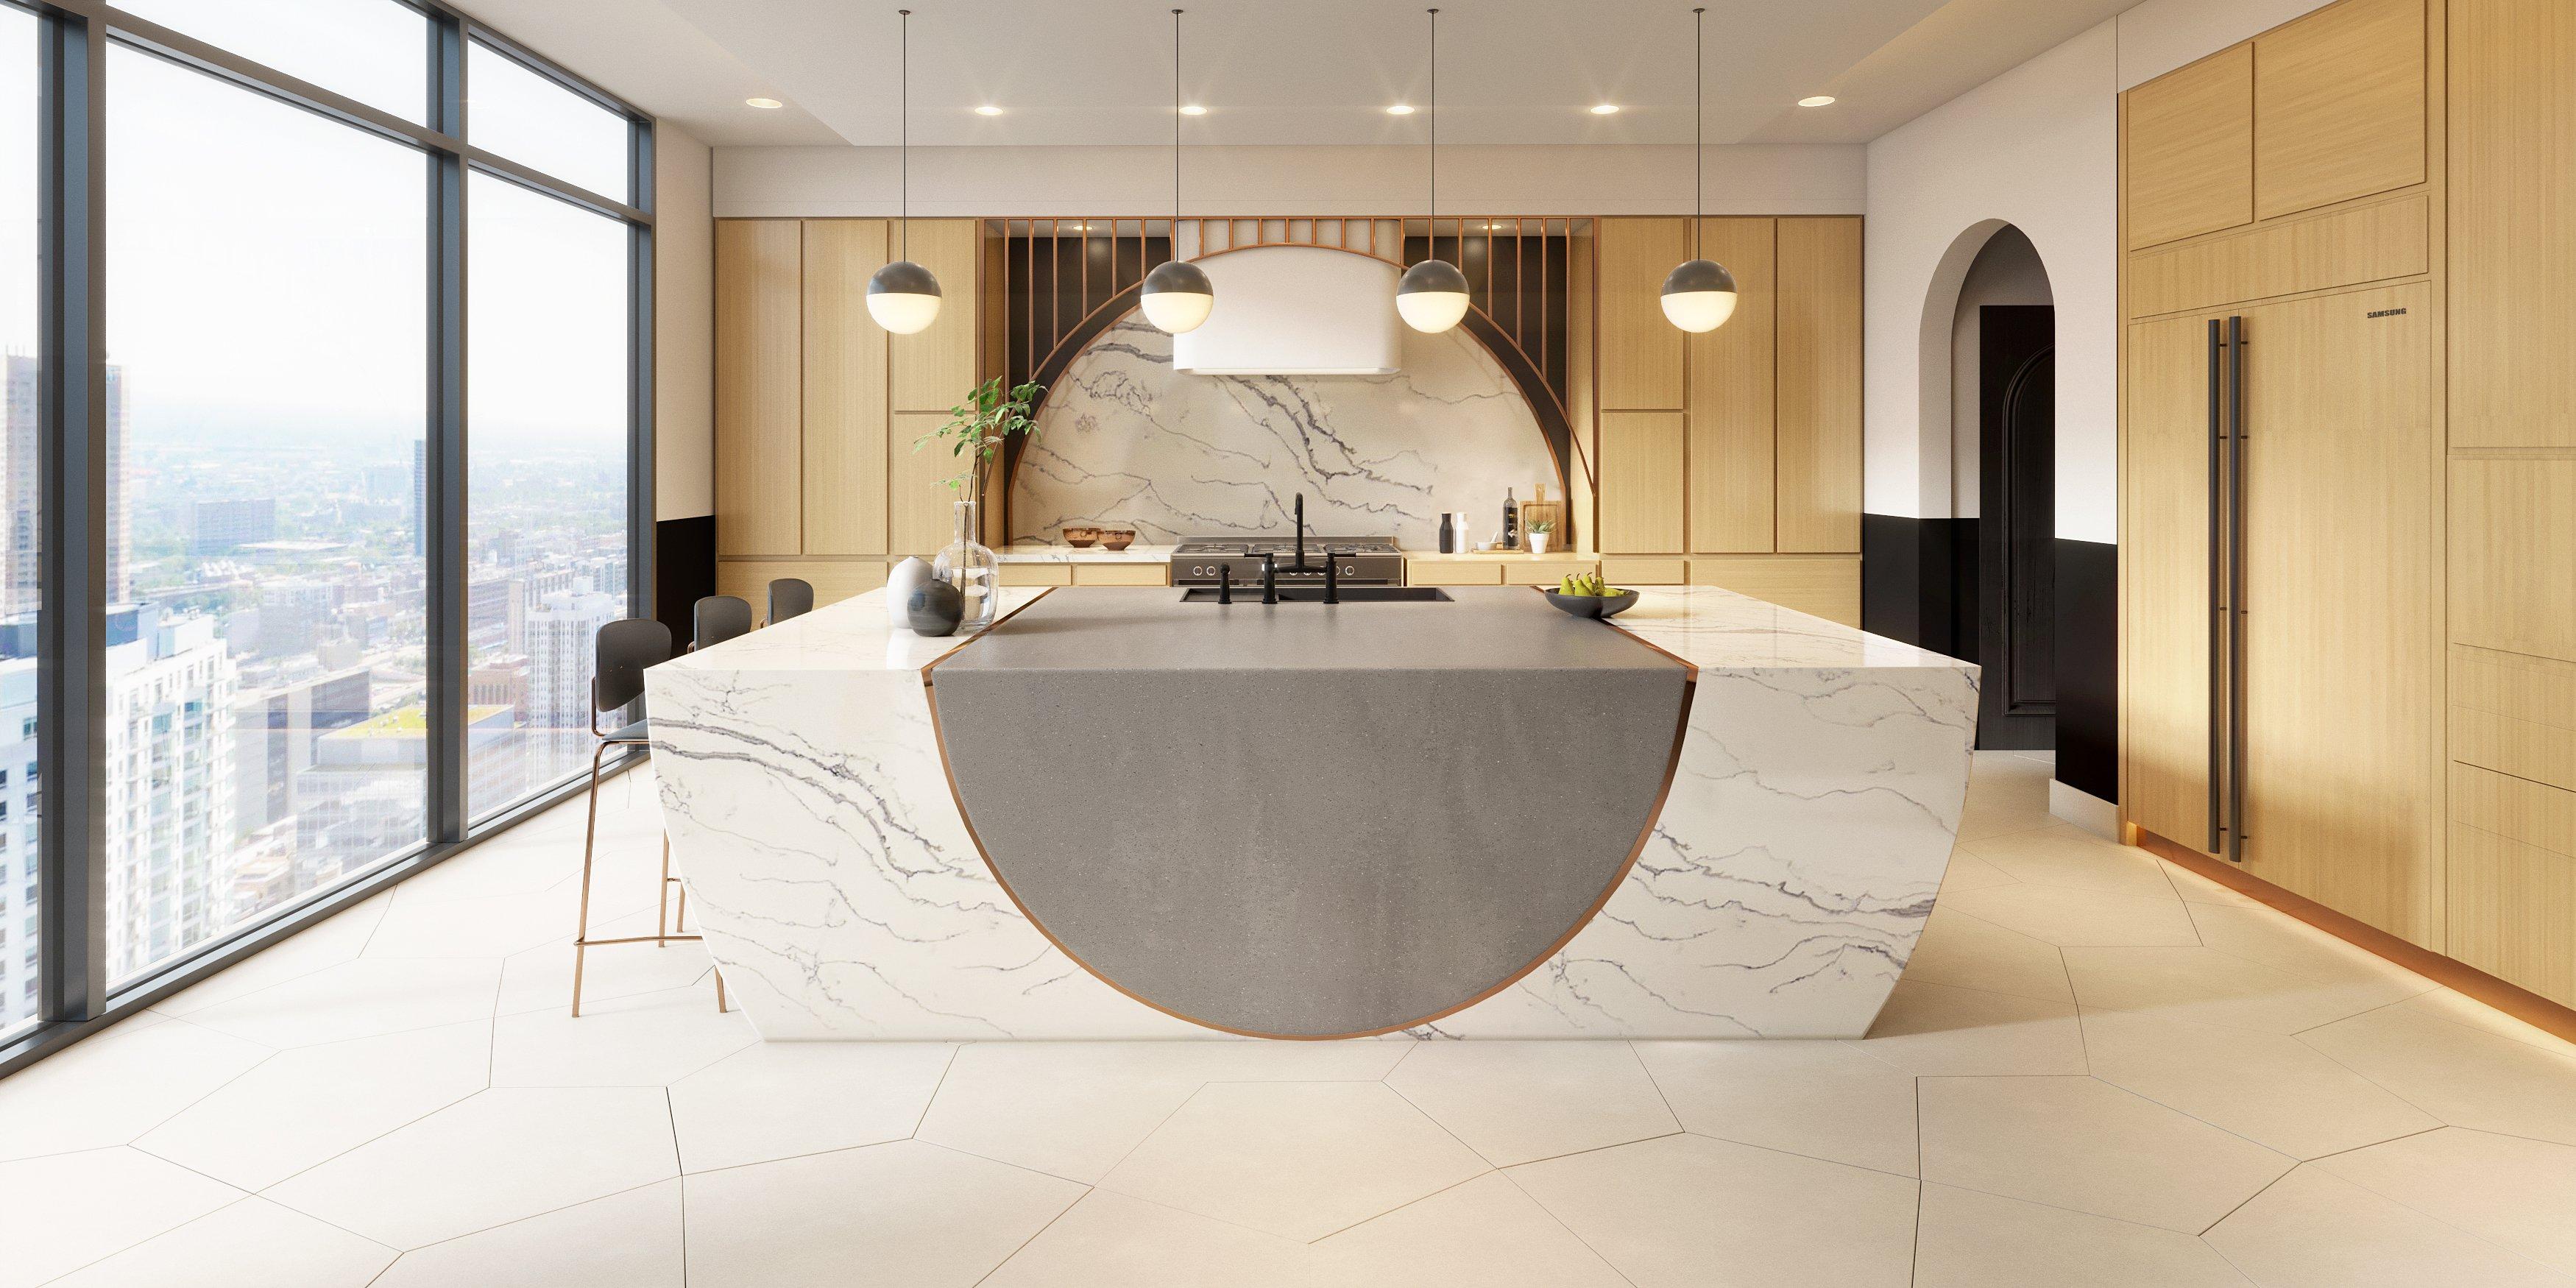 Designing a Dream Kitchen with Corian® Design